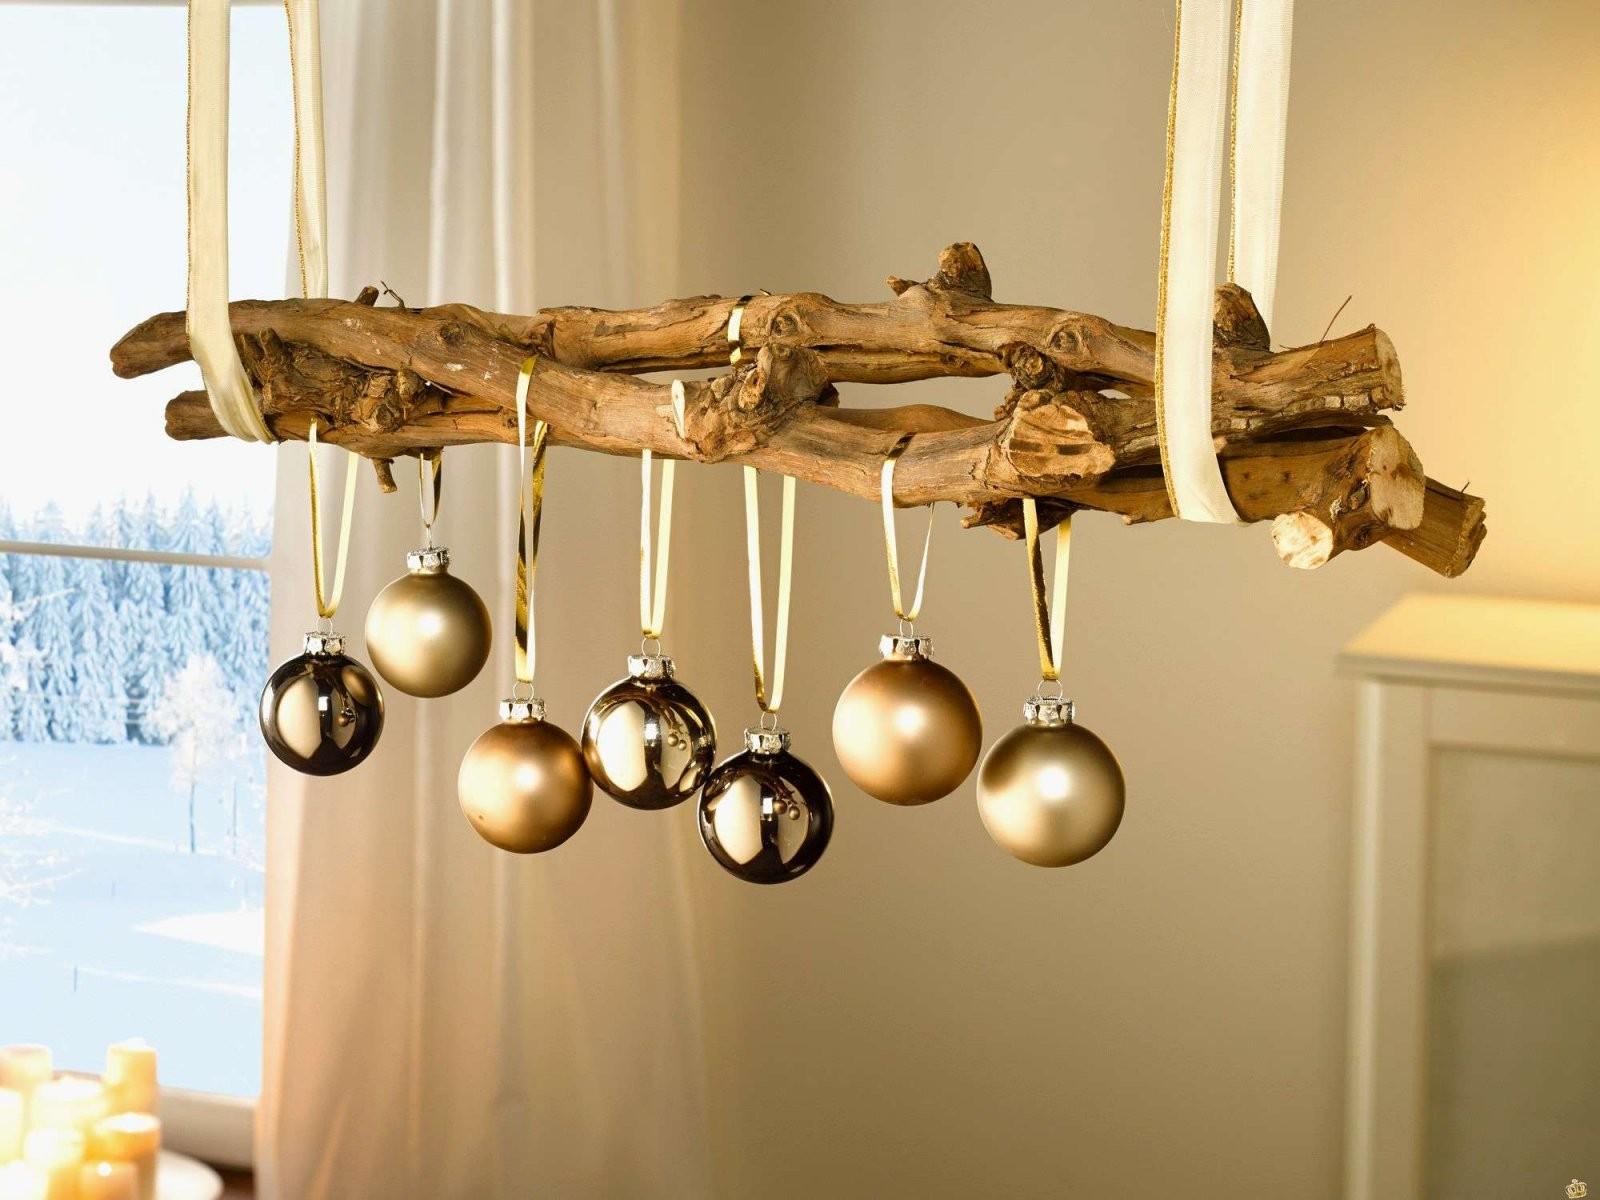 Holz Geschenke Selber Machen Geheimnis Terrassen Deko Deko Haus Holz von Haus Dekoration Selber Machen Bild